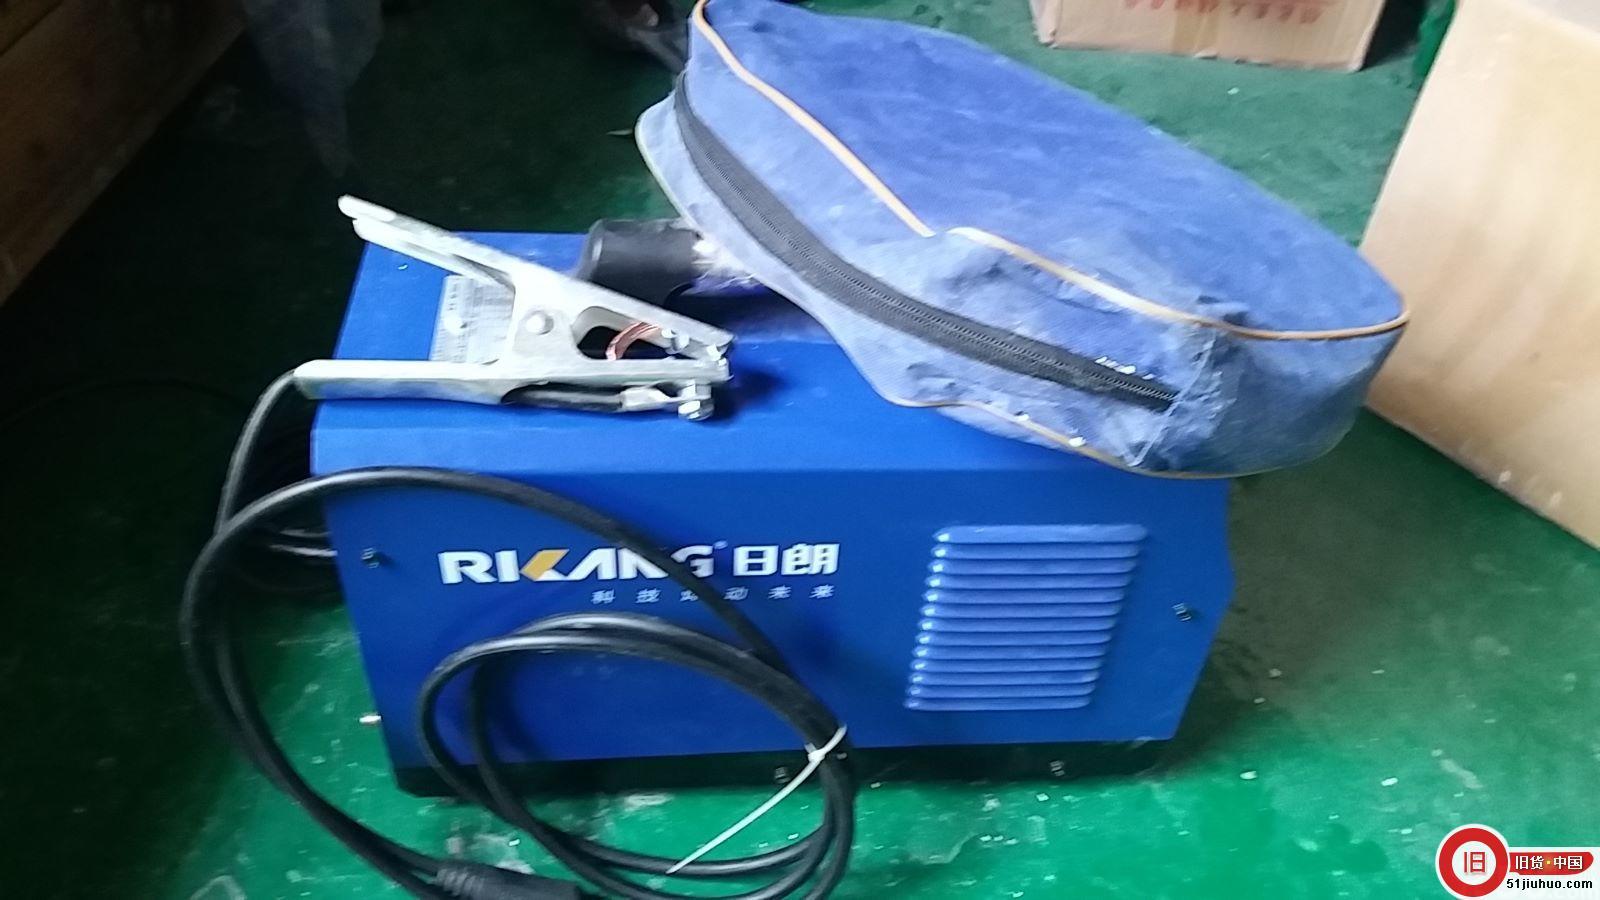 全新亚弧焊逆变电焊机处理